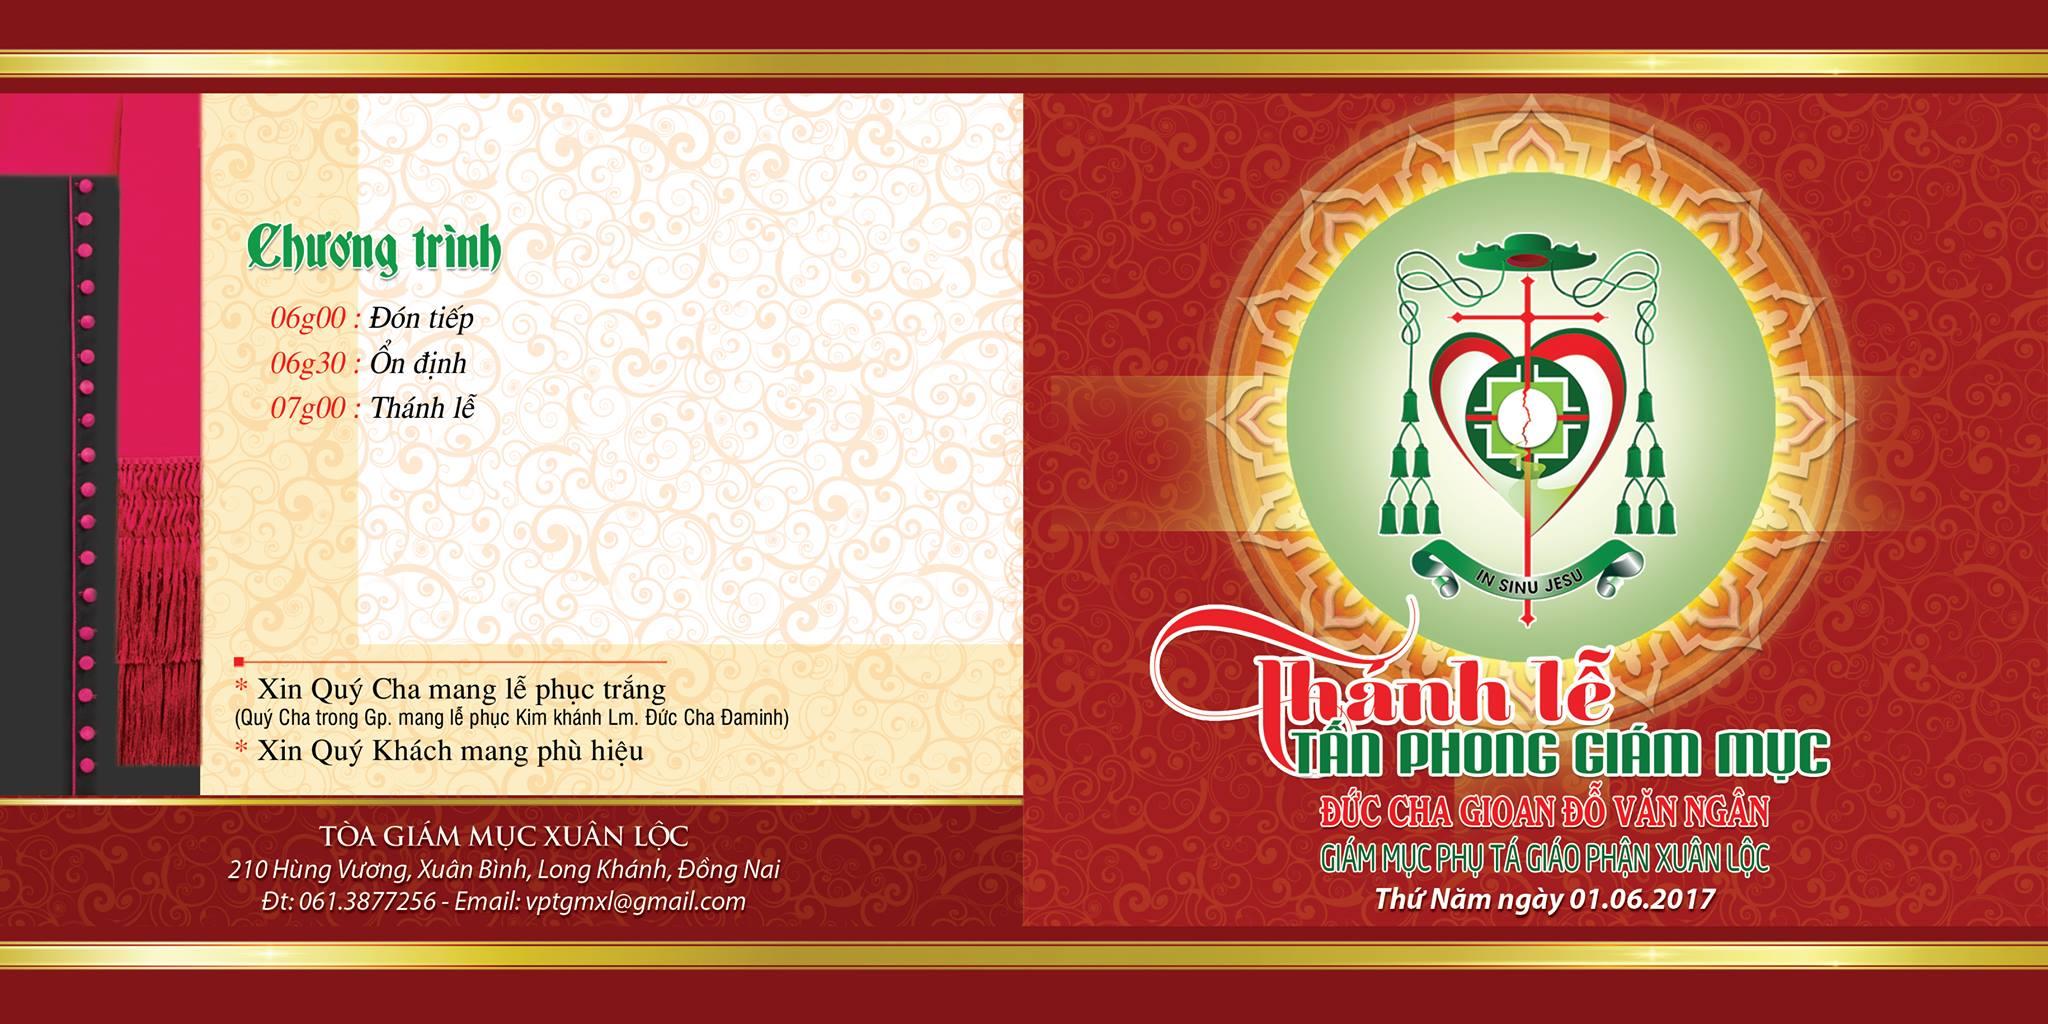 Thiệp mời Thánh Lễ Tấn Phong Giám mục Phụ tá Gioan Đỗ Văn Ngân